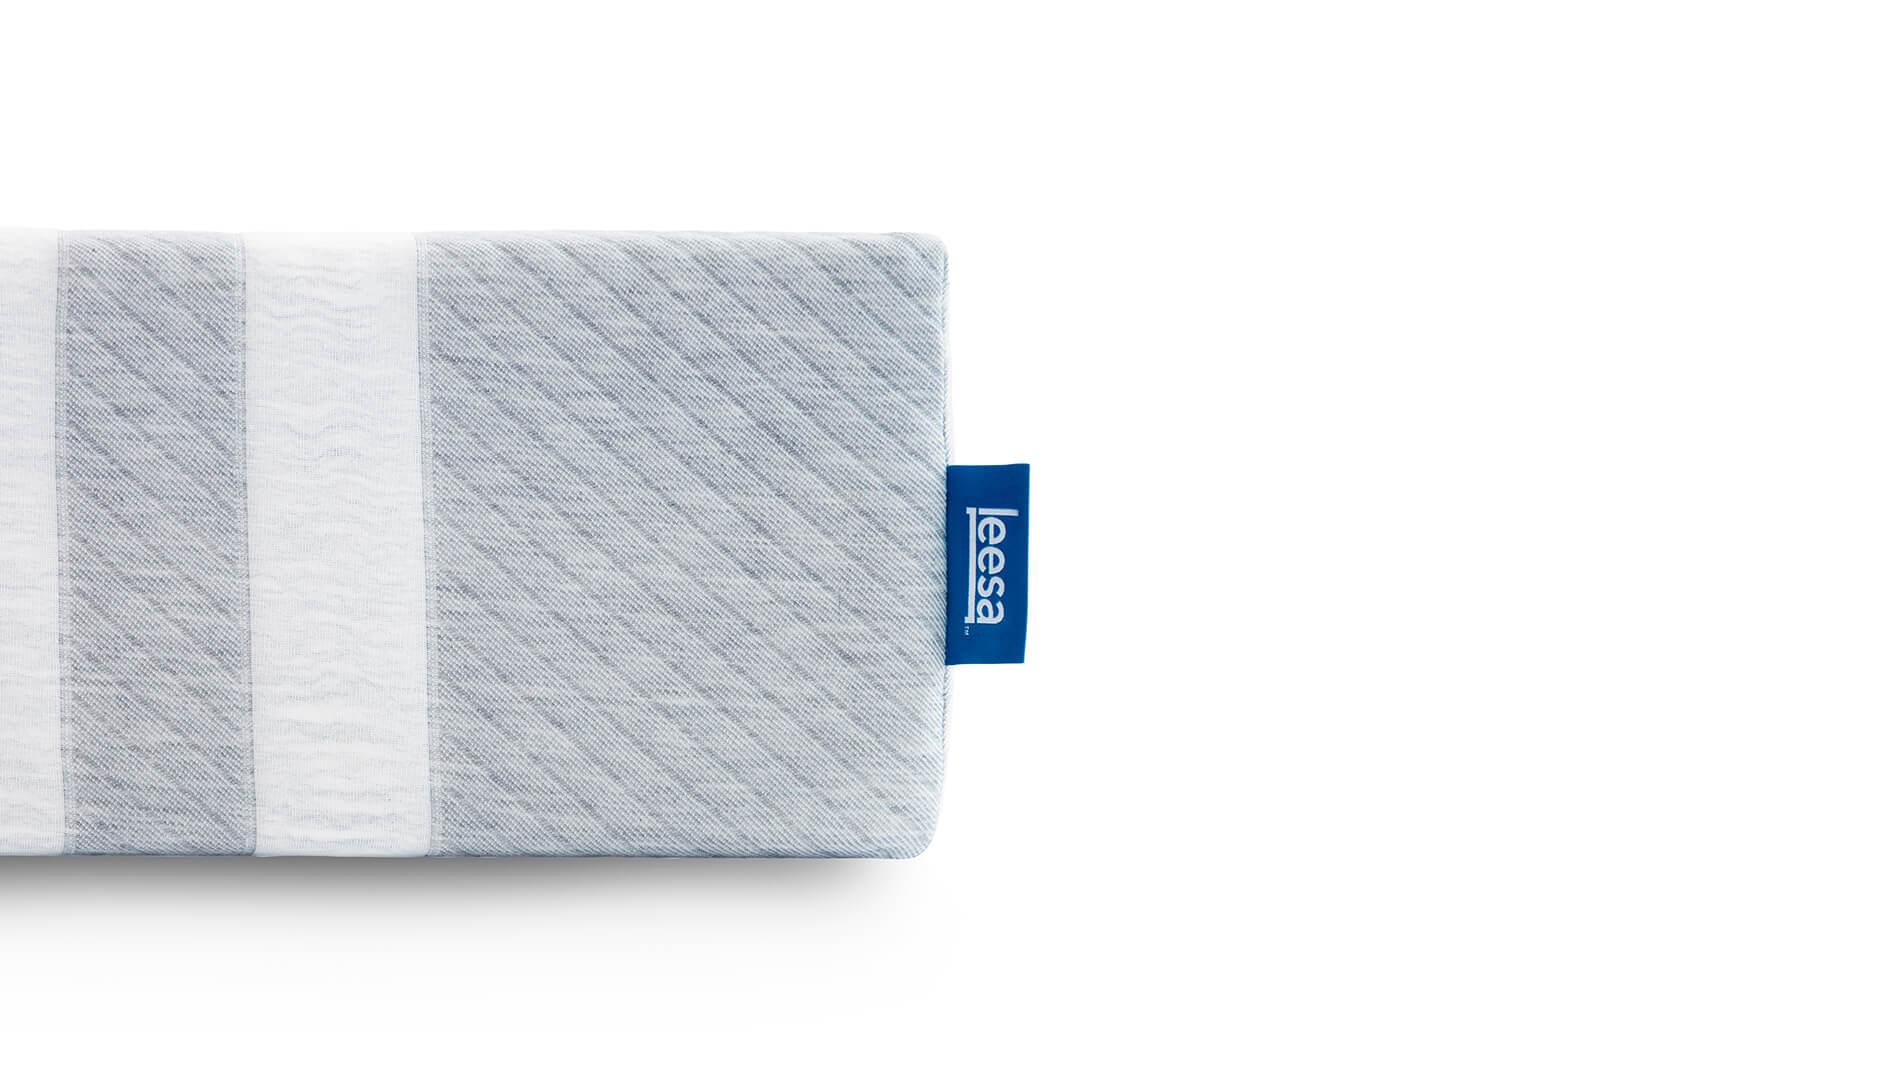 leesa-mattress-1900px-5